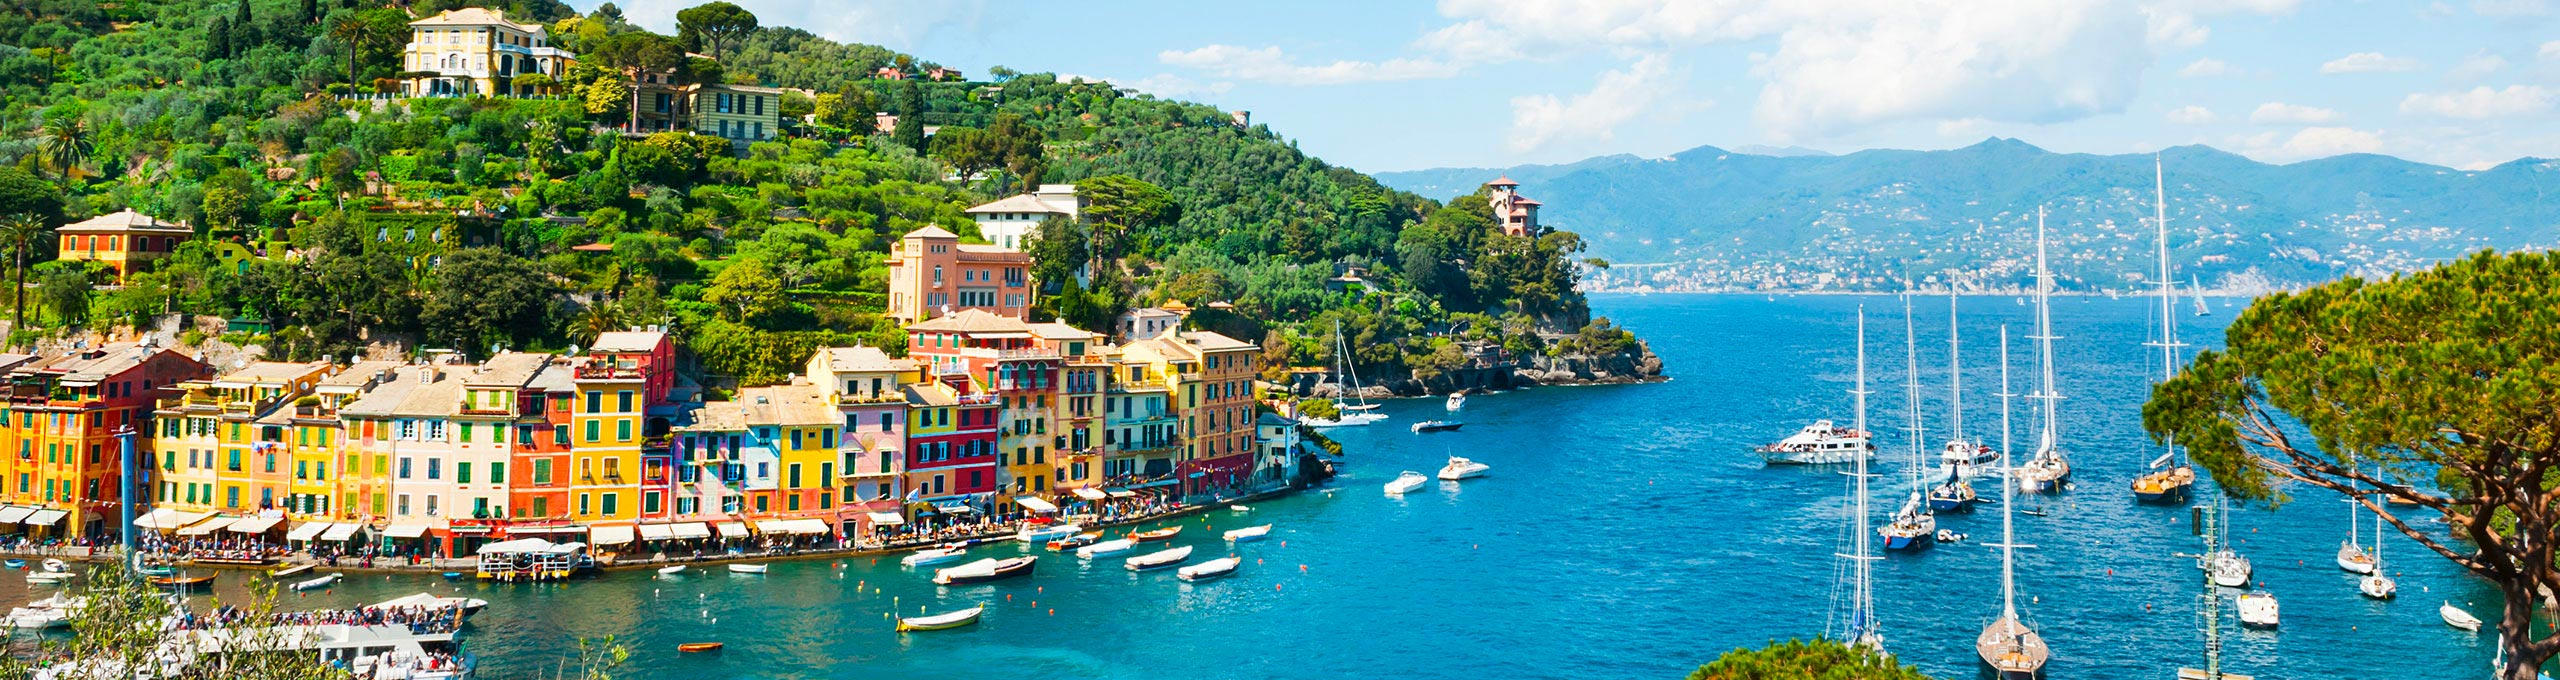 Baia ligure di Portofino